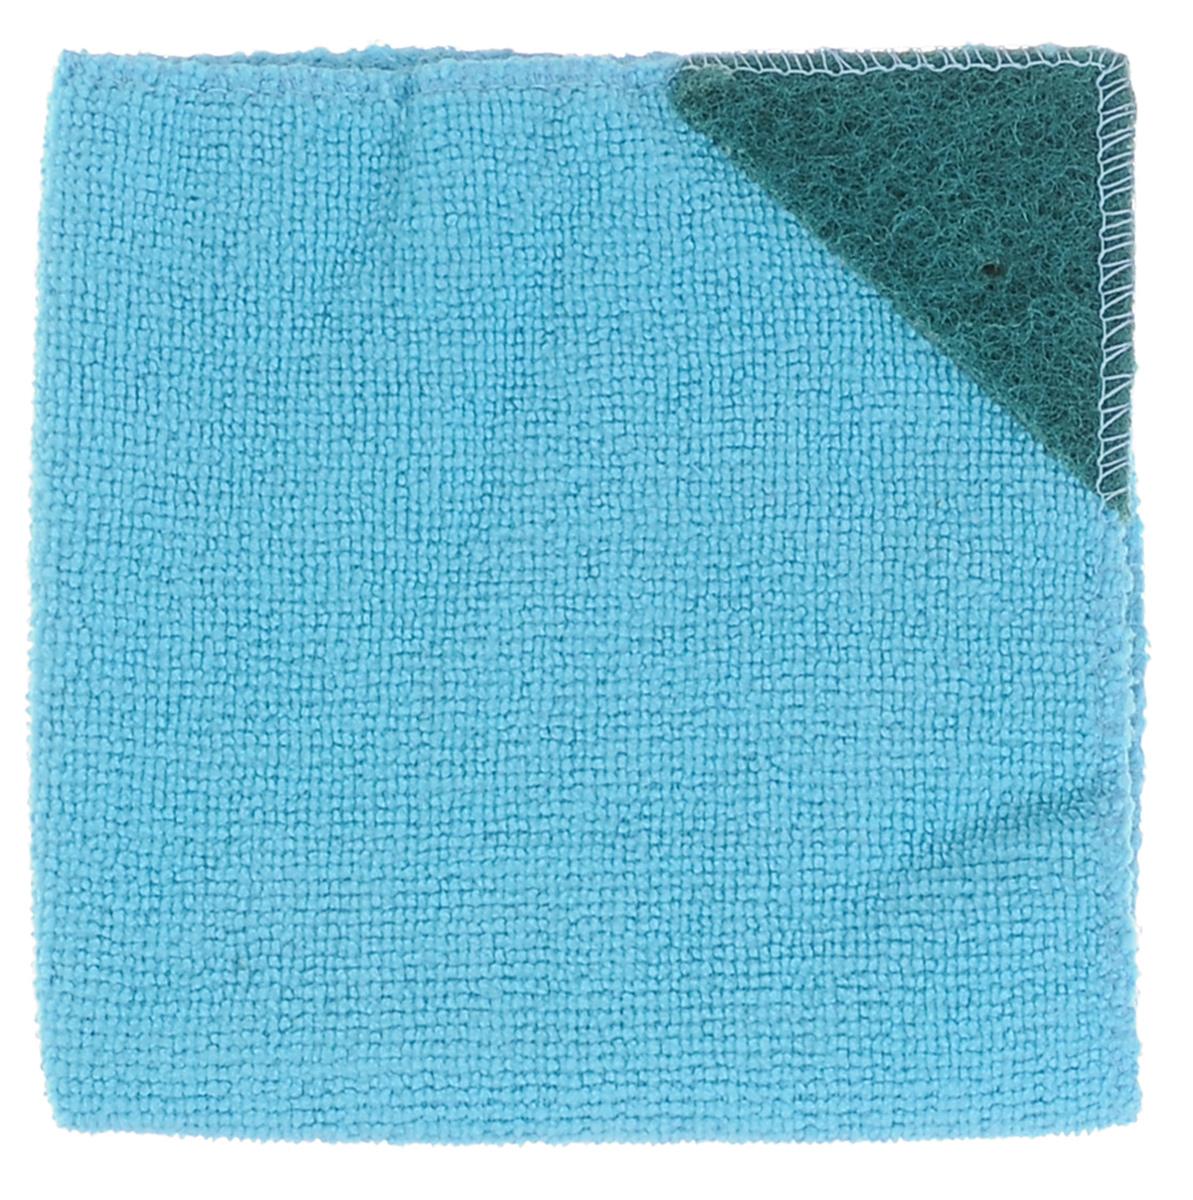 Салфетка для кухни Eva, с абразивом, цвет: голубой, 30 см х 30 смЕ4803_голубойСалфетка Eva, выполненная из микрофибры, отлично удаляет загрязнения и впитывает влагу. Благодаря своей структуре, она не оставляет разводов, может удалять загрязнения без помощи чистящих средств и не оставляет ворса. Салфетка имеет абразивный уголок, что позволяет удалять особенно сложные загрязнения.Размер салфетки: 30 см х 30 см.